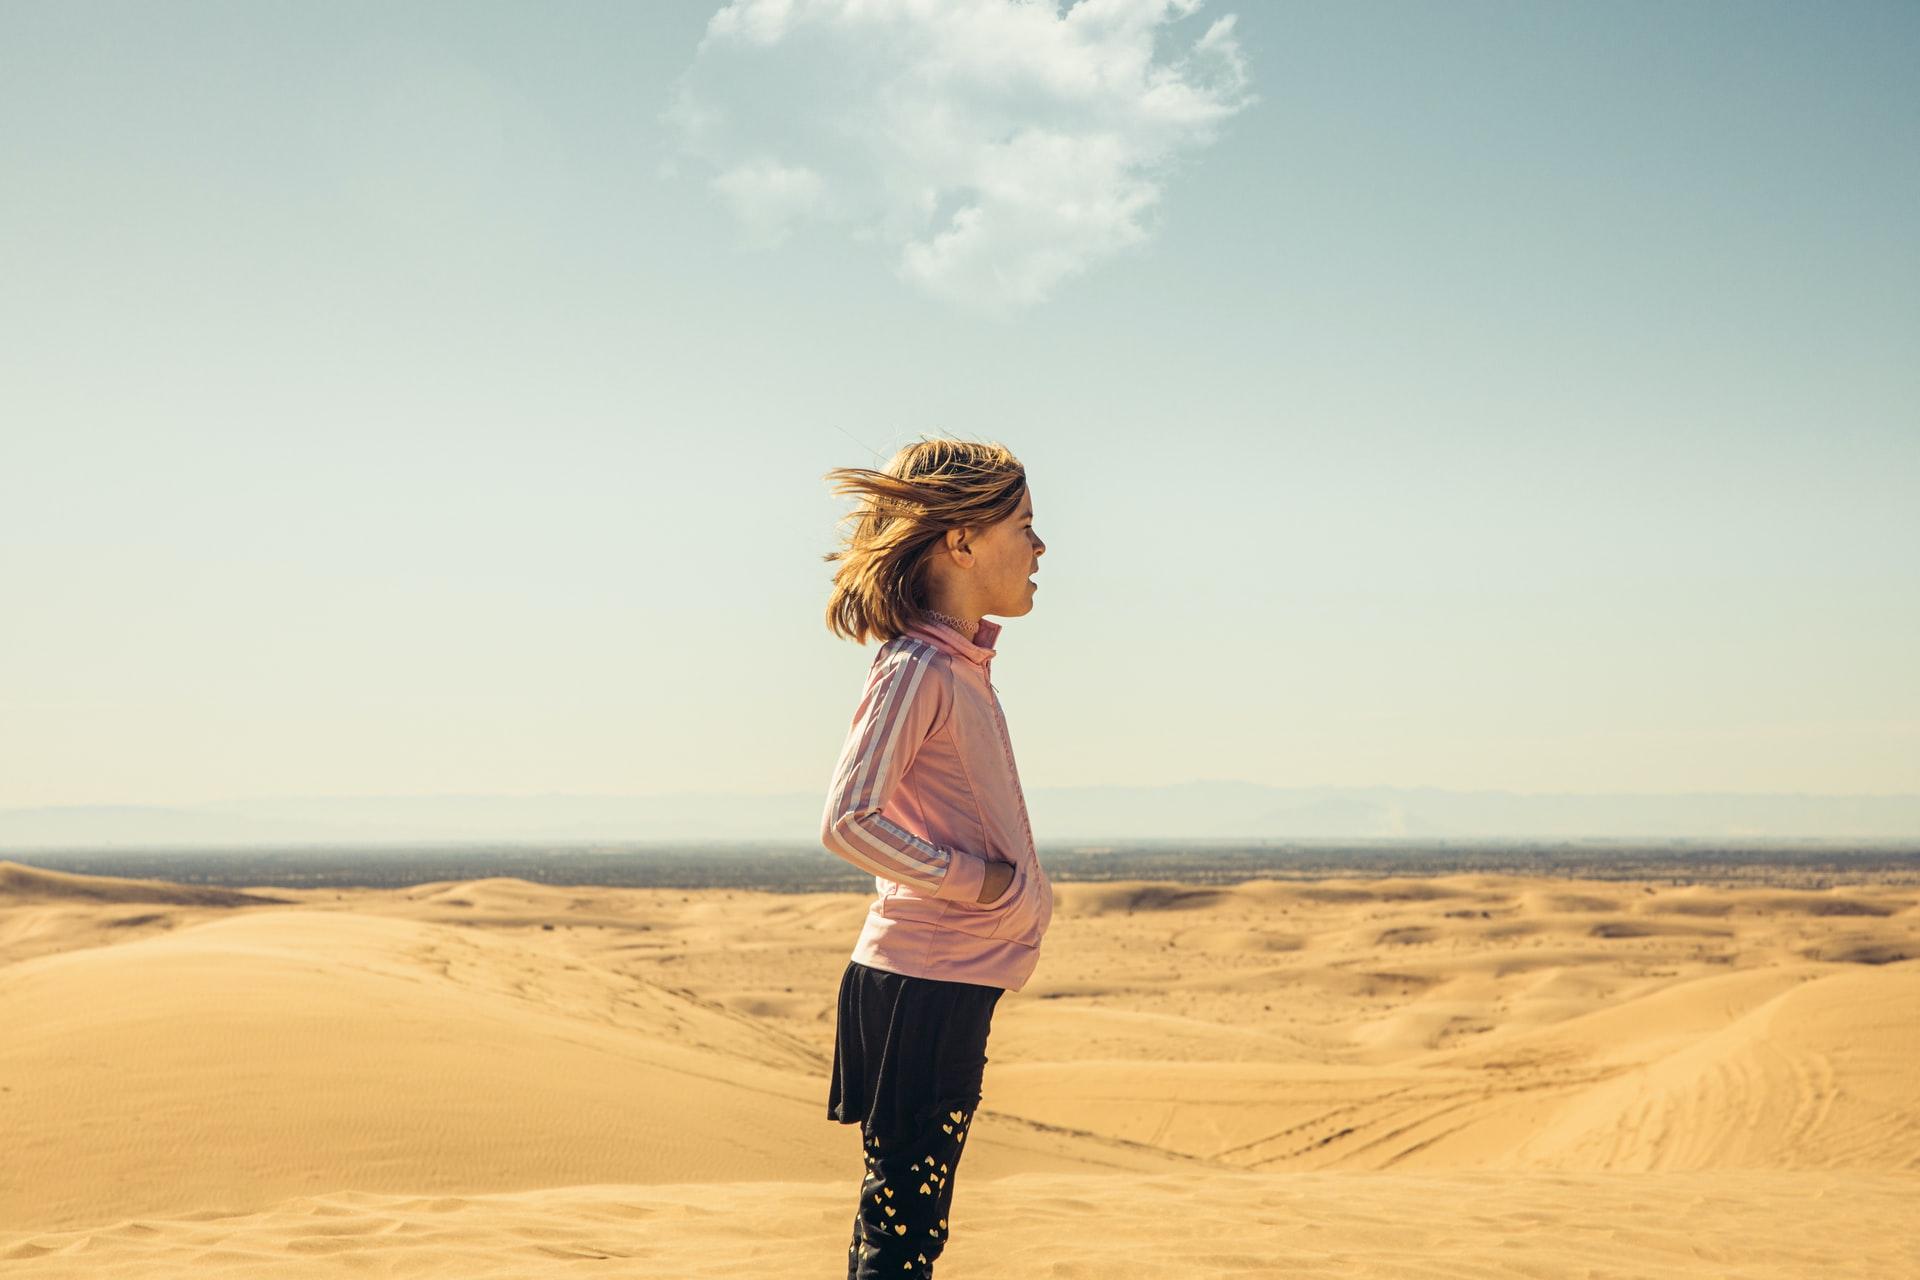 La sostenibilidad es una urgencia si queremos que nuestros niños y niñas crezcan en un planeta limpio y sano.